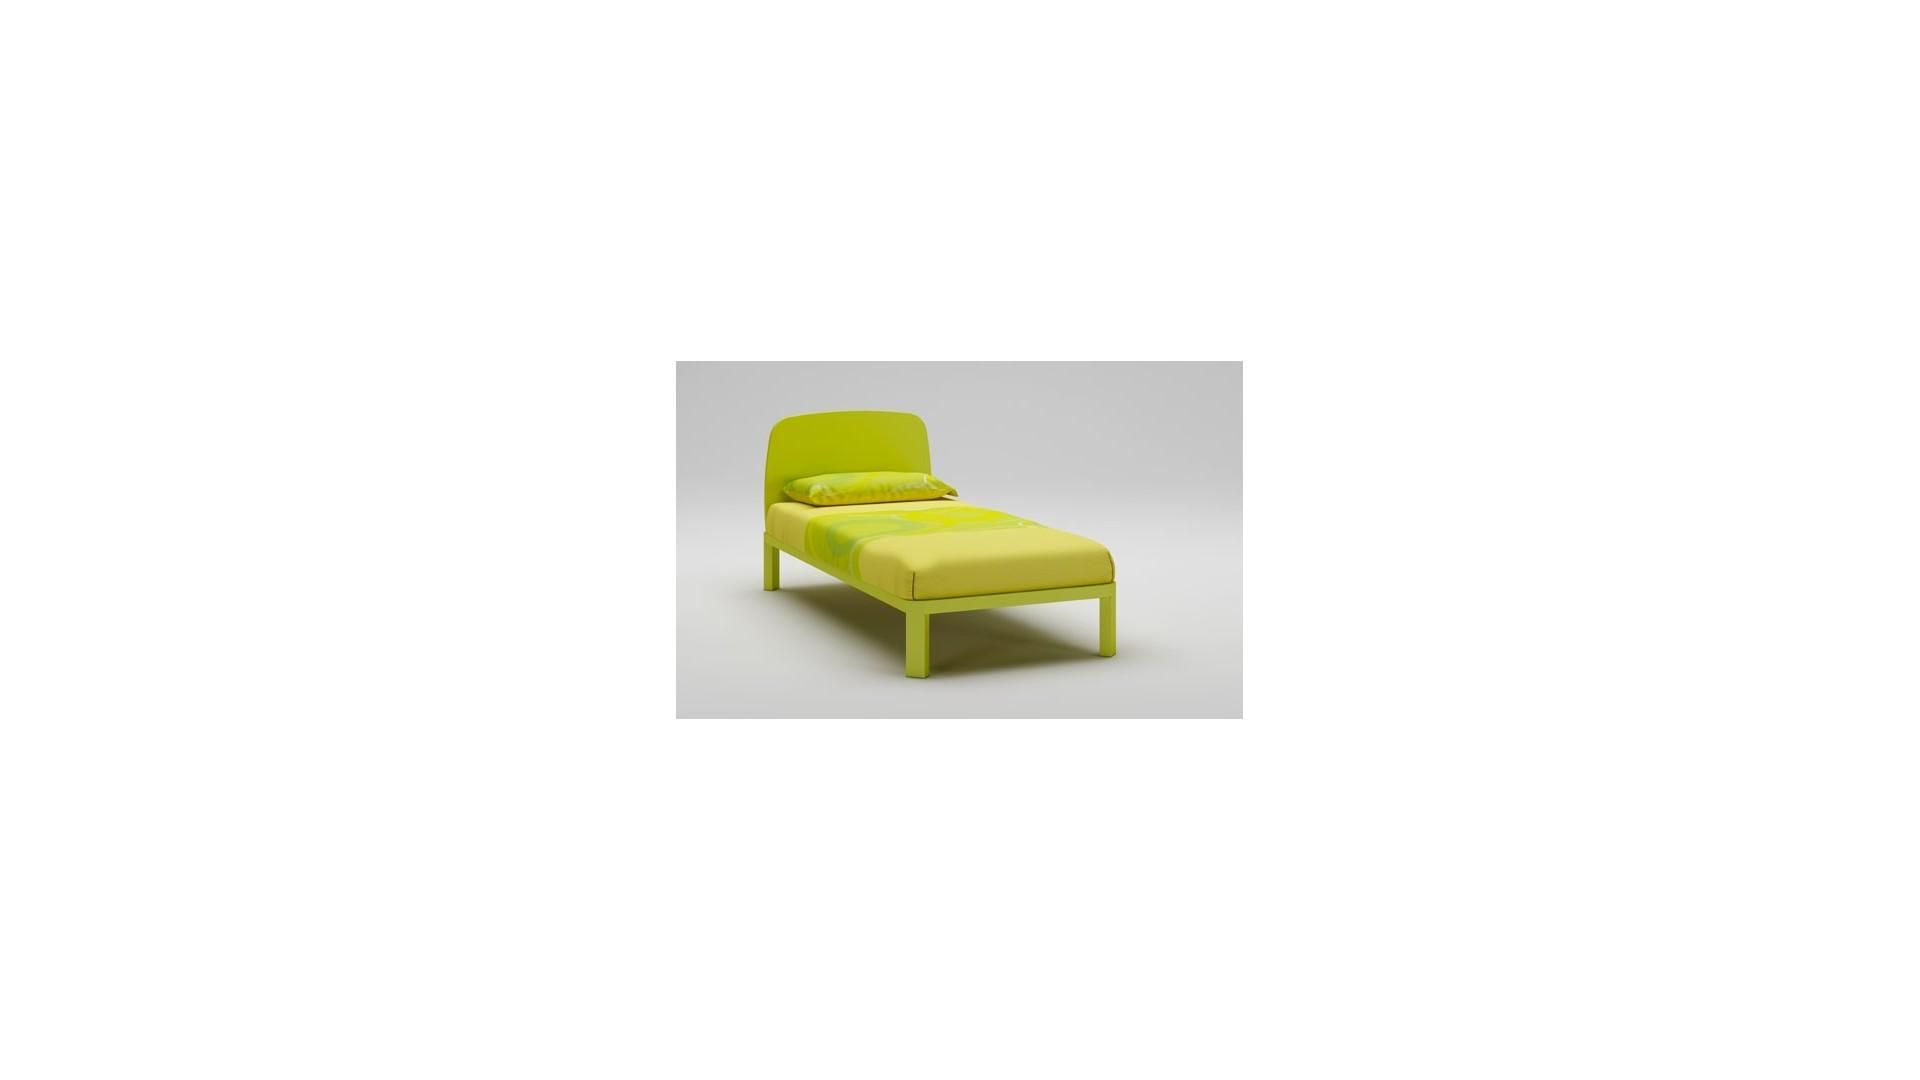 Lit enfant PERSONNALISABLE WL030 de 90 x 200 couleur vert cédro - MORETTI COMPACT